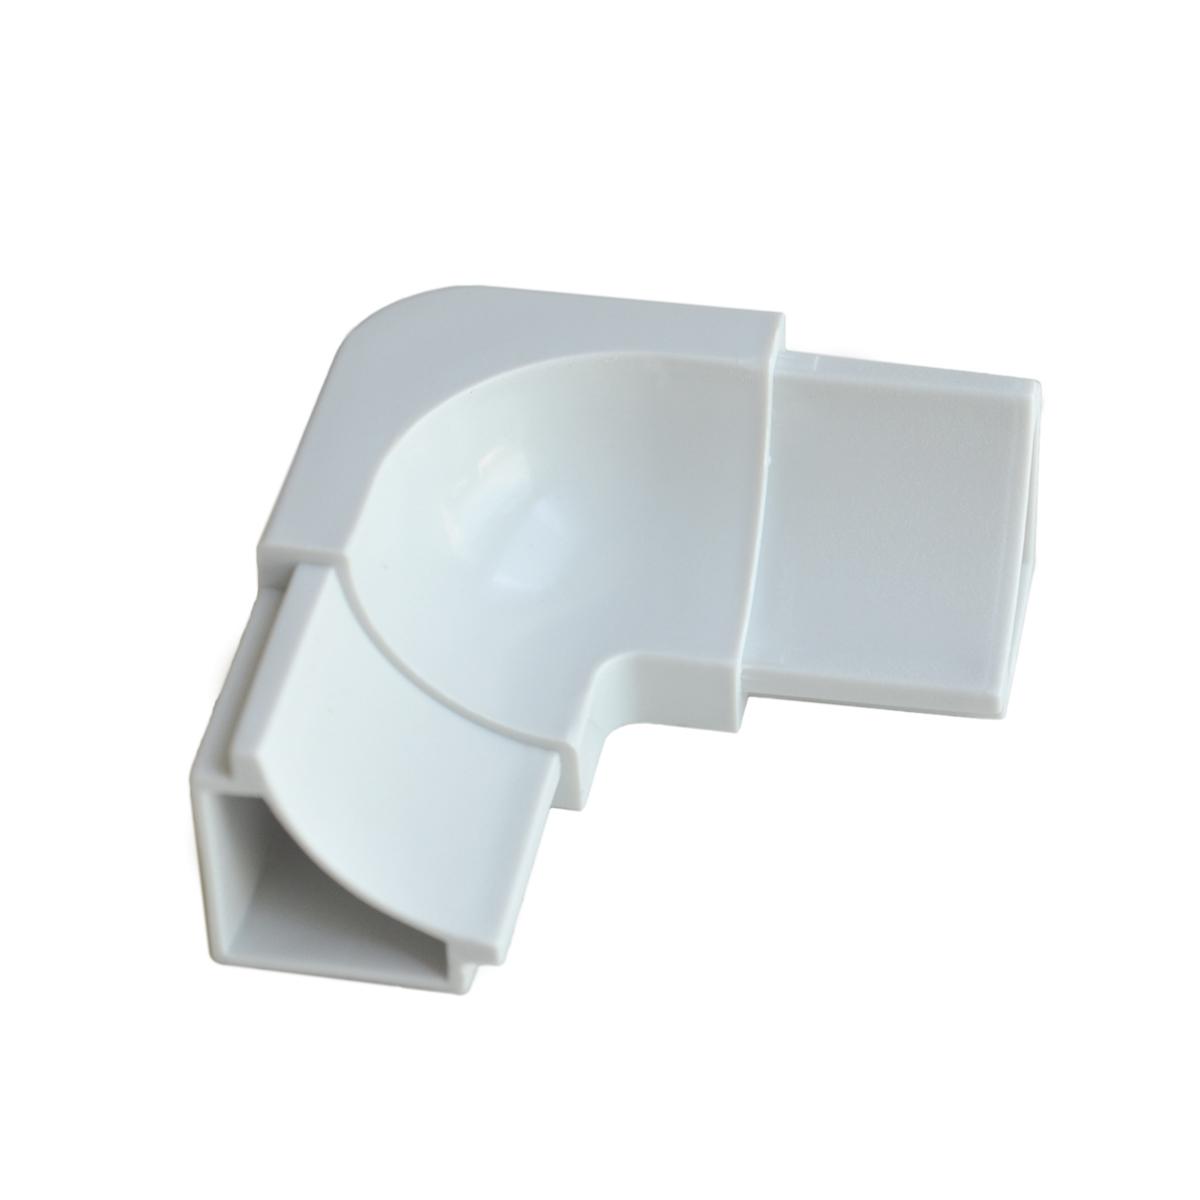 Profili per rivestimenti Accessori Sanitec ERTP22 Profilitec